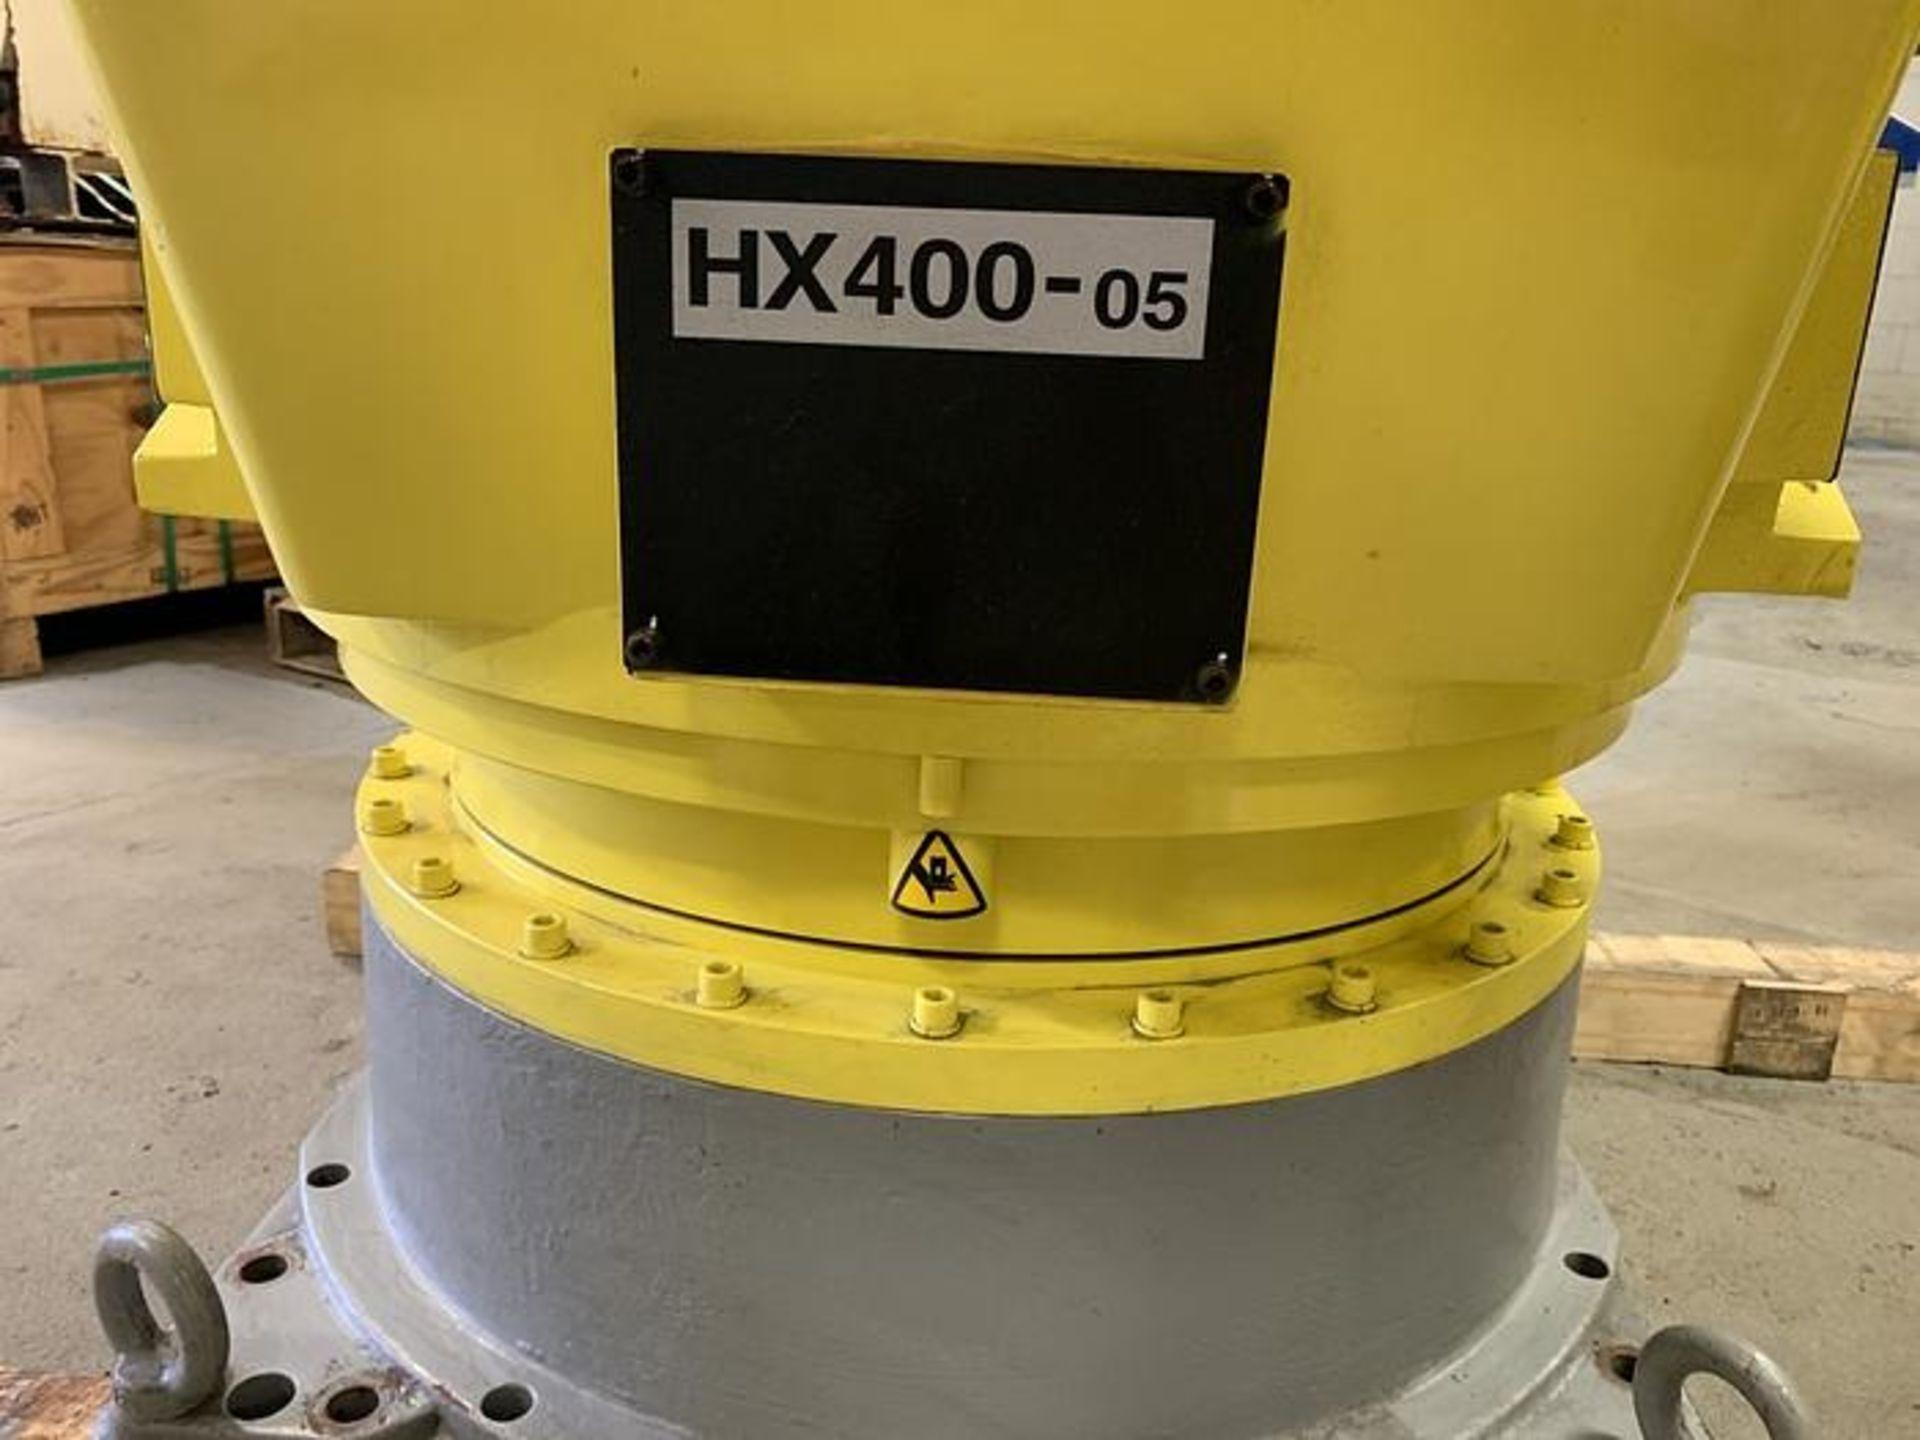 HYUNDIA MODEL HX400 400KG X 2573MM Hi5-N80U CONT. 6 AXIS CNC ROBOT, YEAR 2012, SN HB35-054-572 - Image 15 of 21